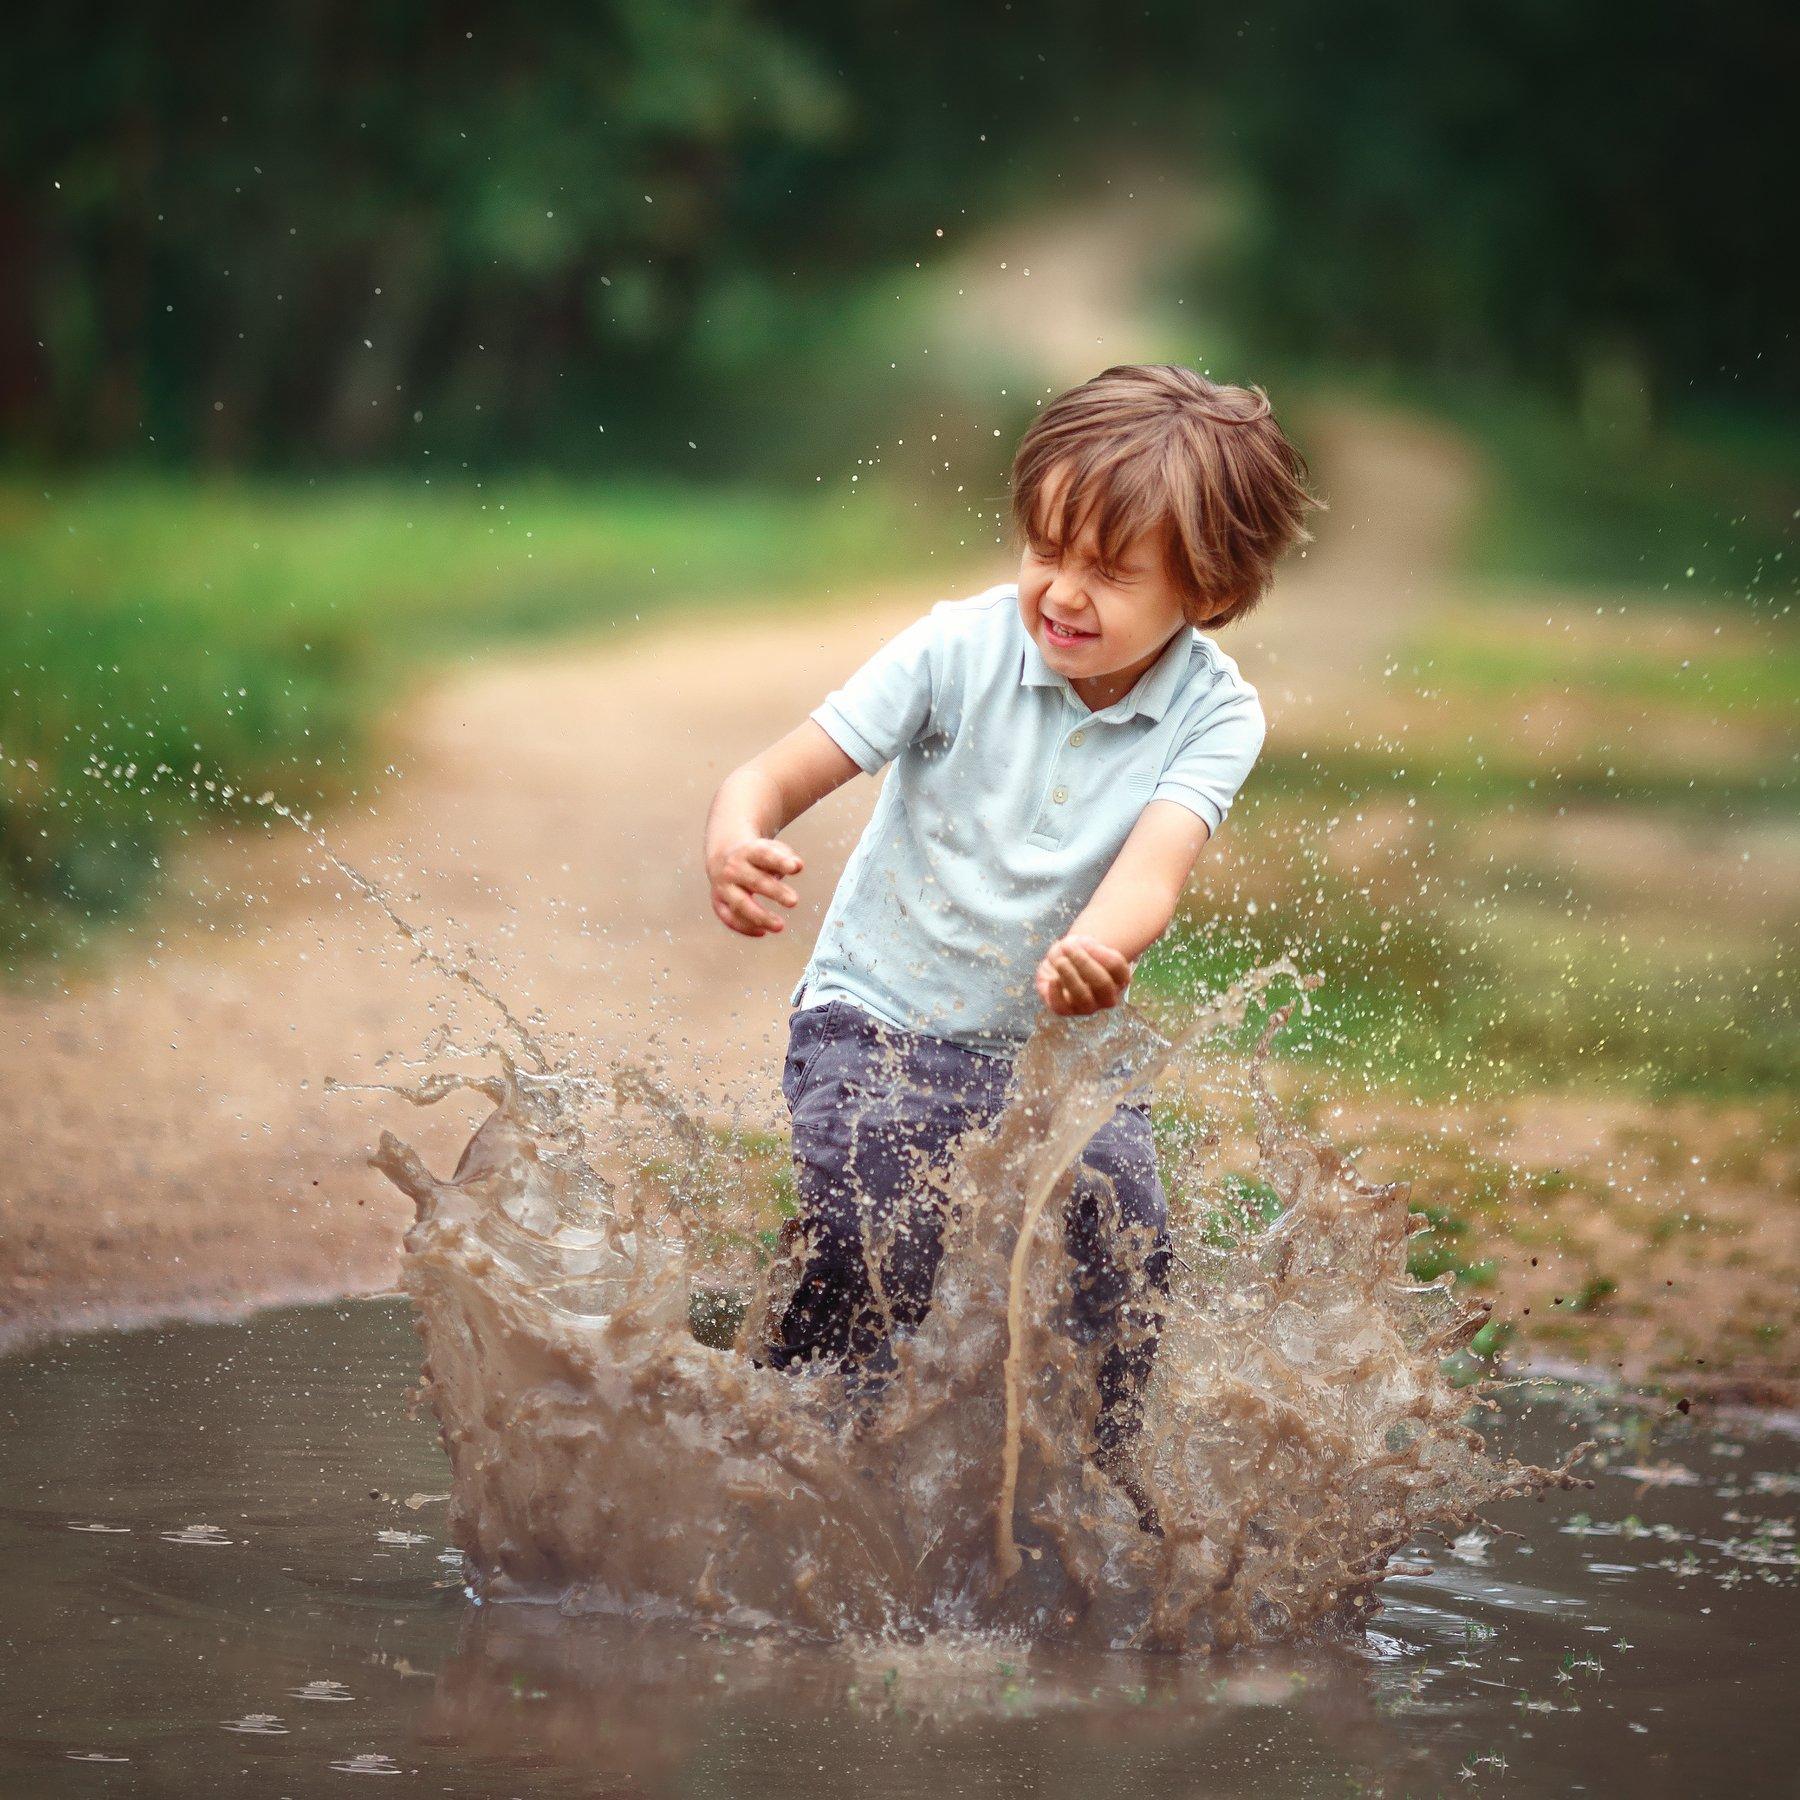 лужи ребенок прыжок детство, Алексей Баталов